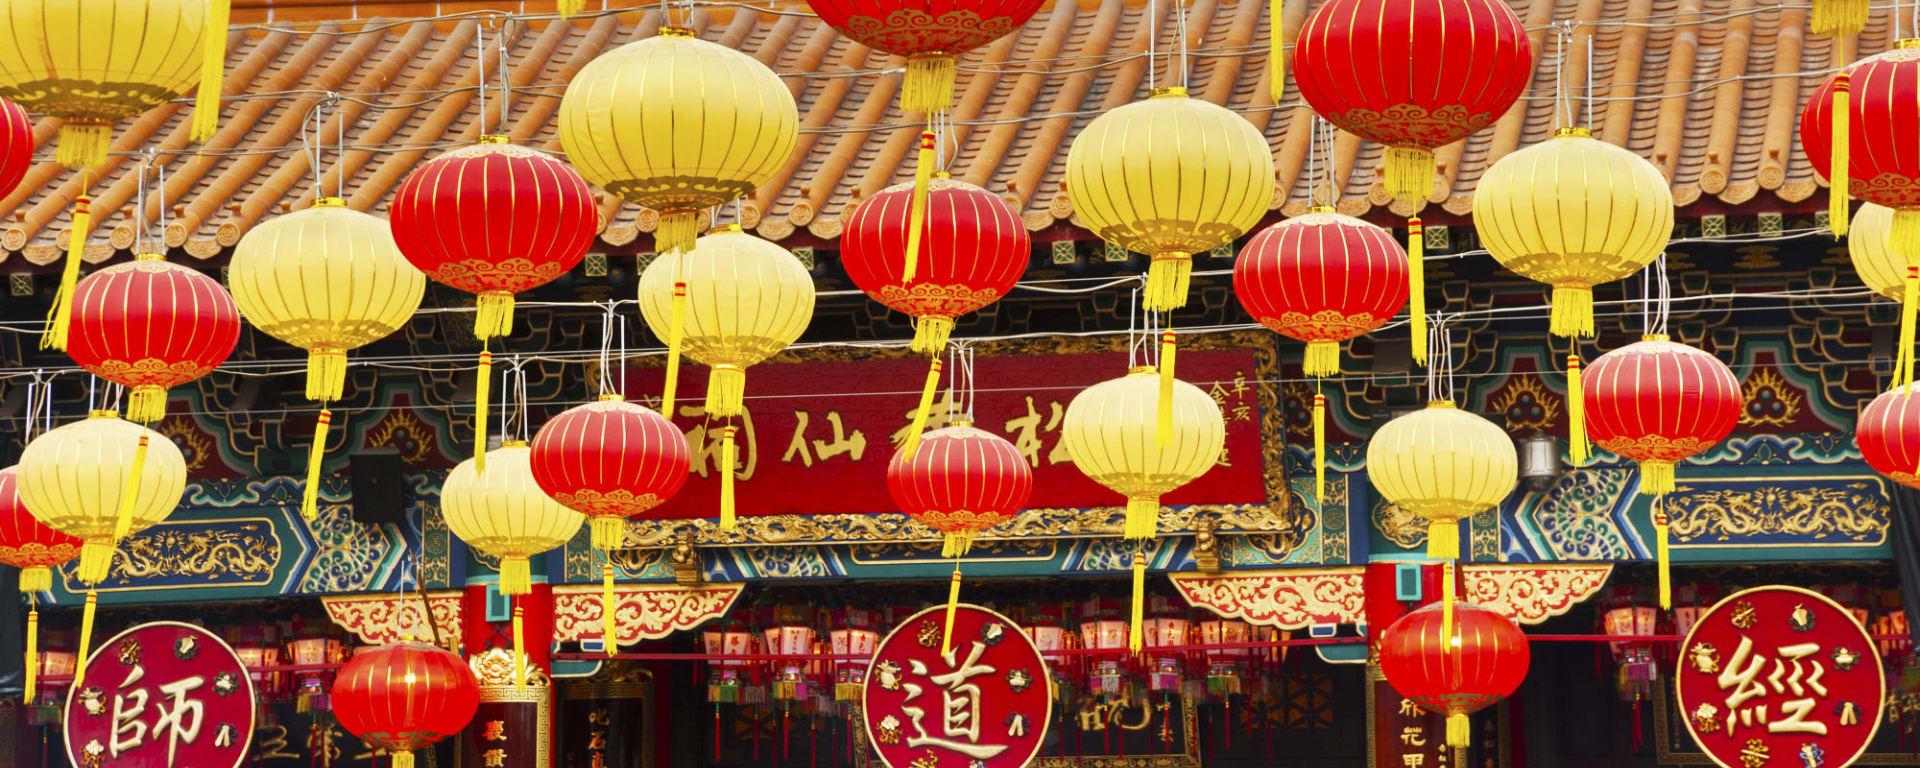 Hong Kong entdecken mit Tischler Reisen: Hong Kong Wong Tai Sin Tempel Laternen